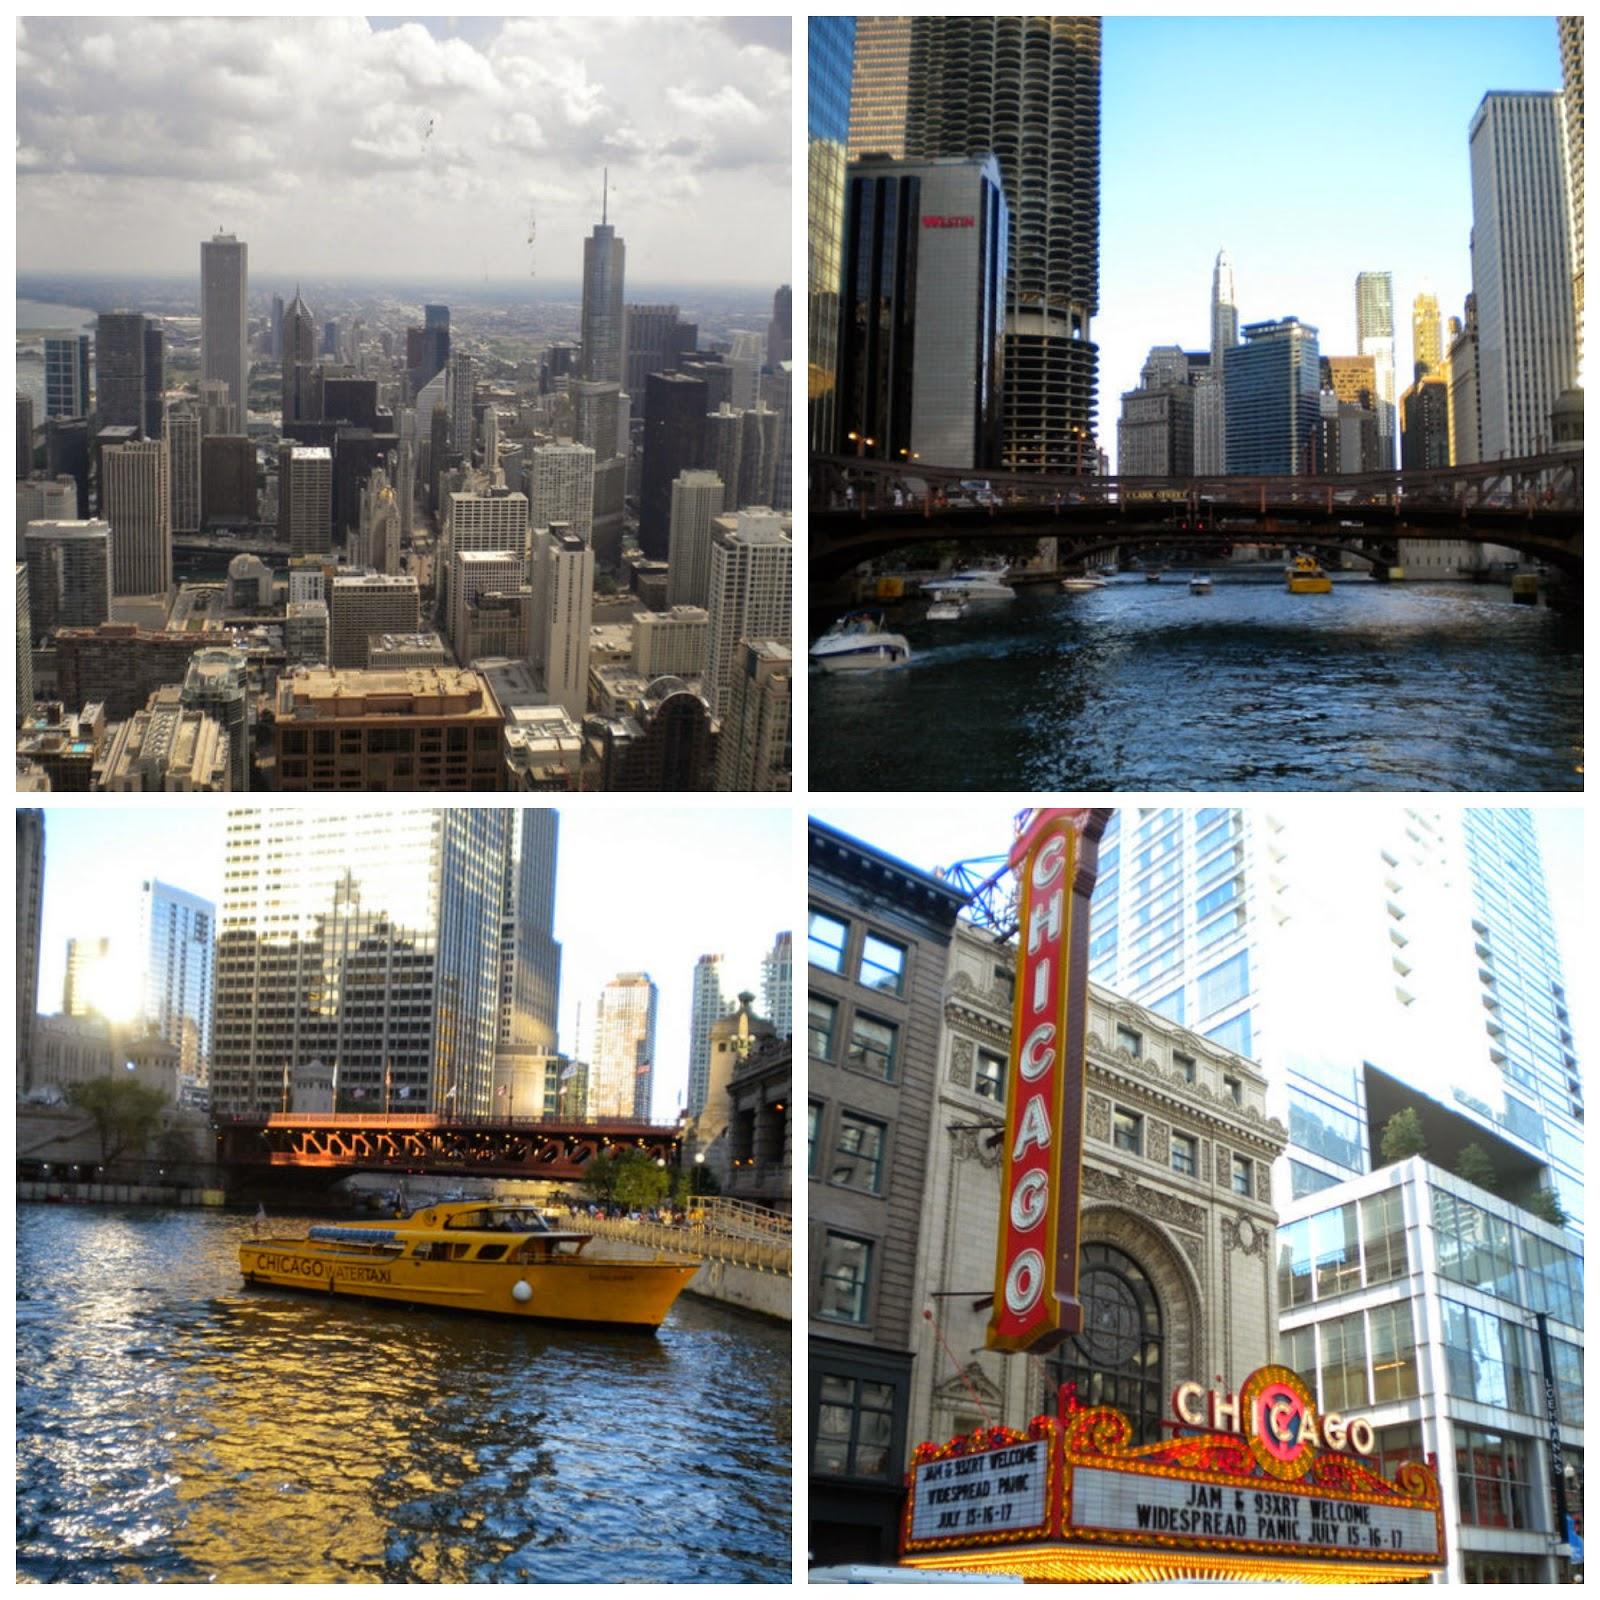 Chicago_Scenes